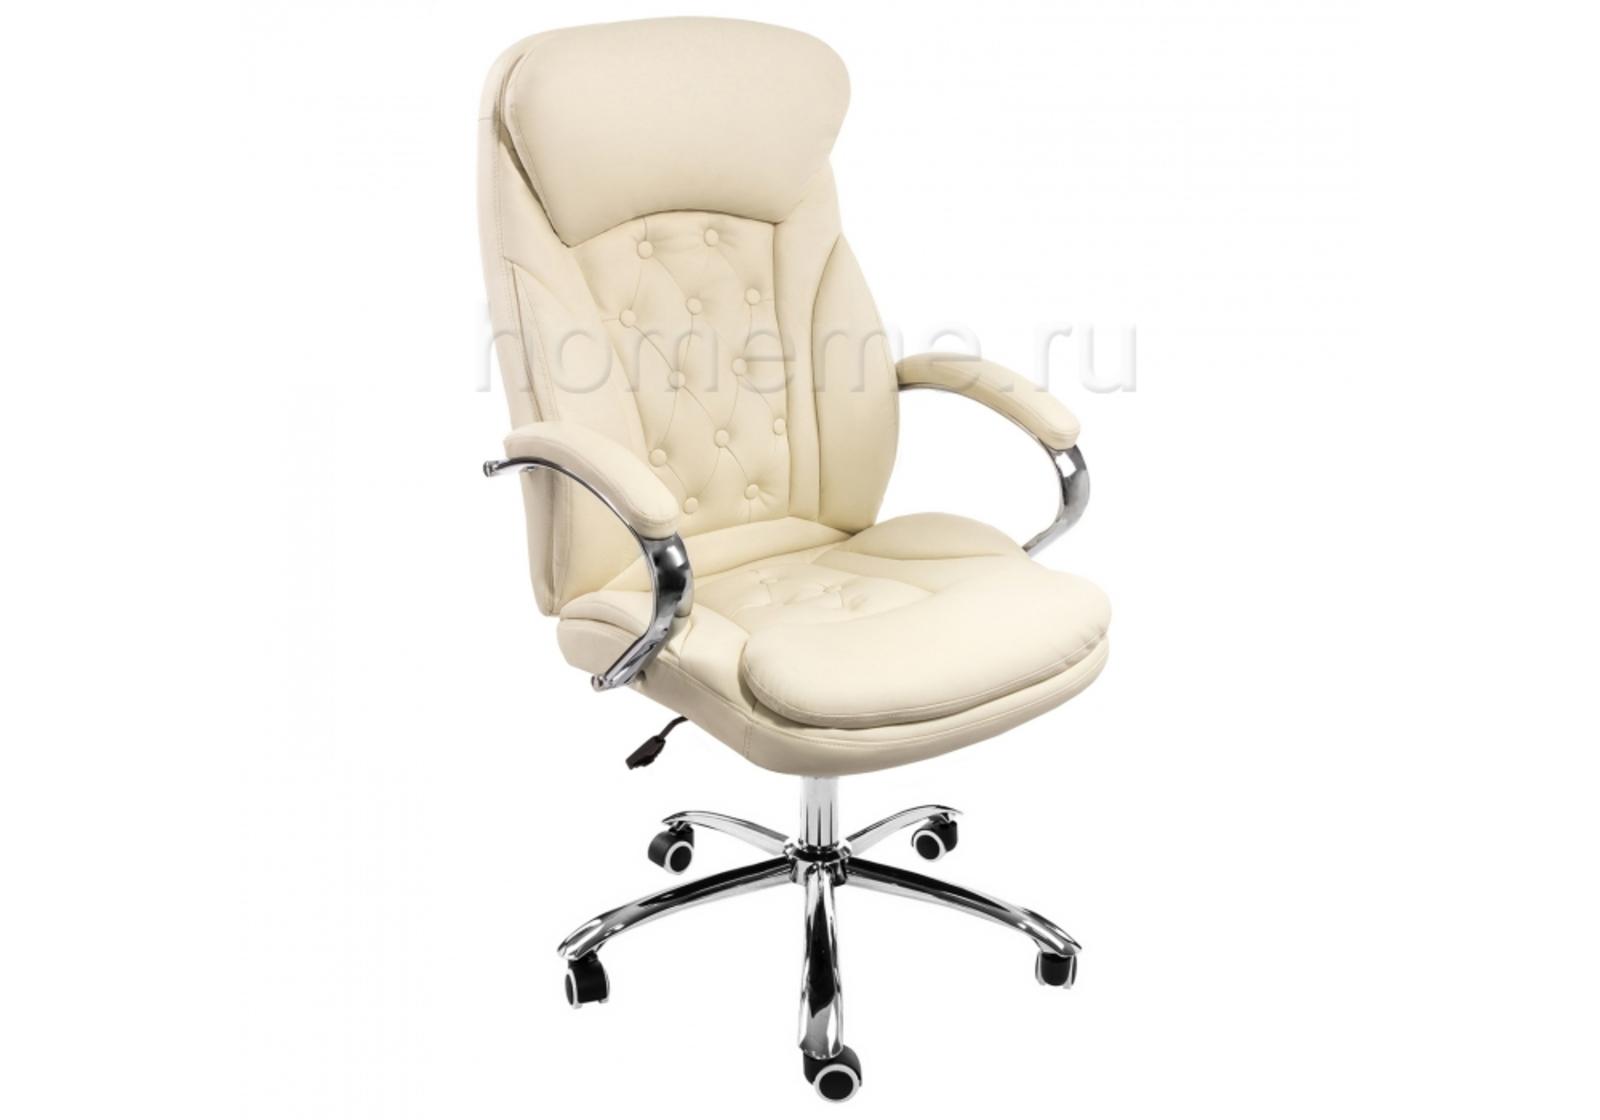 Кресло для офиса HomeMe Rich бежевое 1870 от Homeme.ru